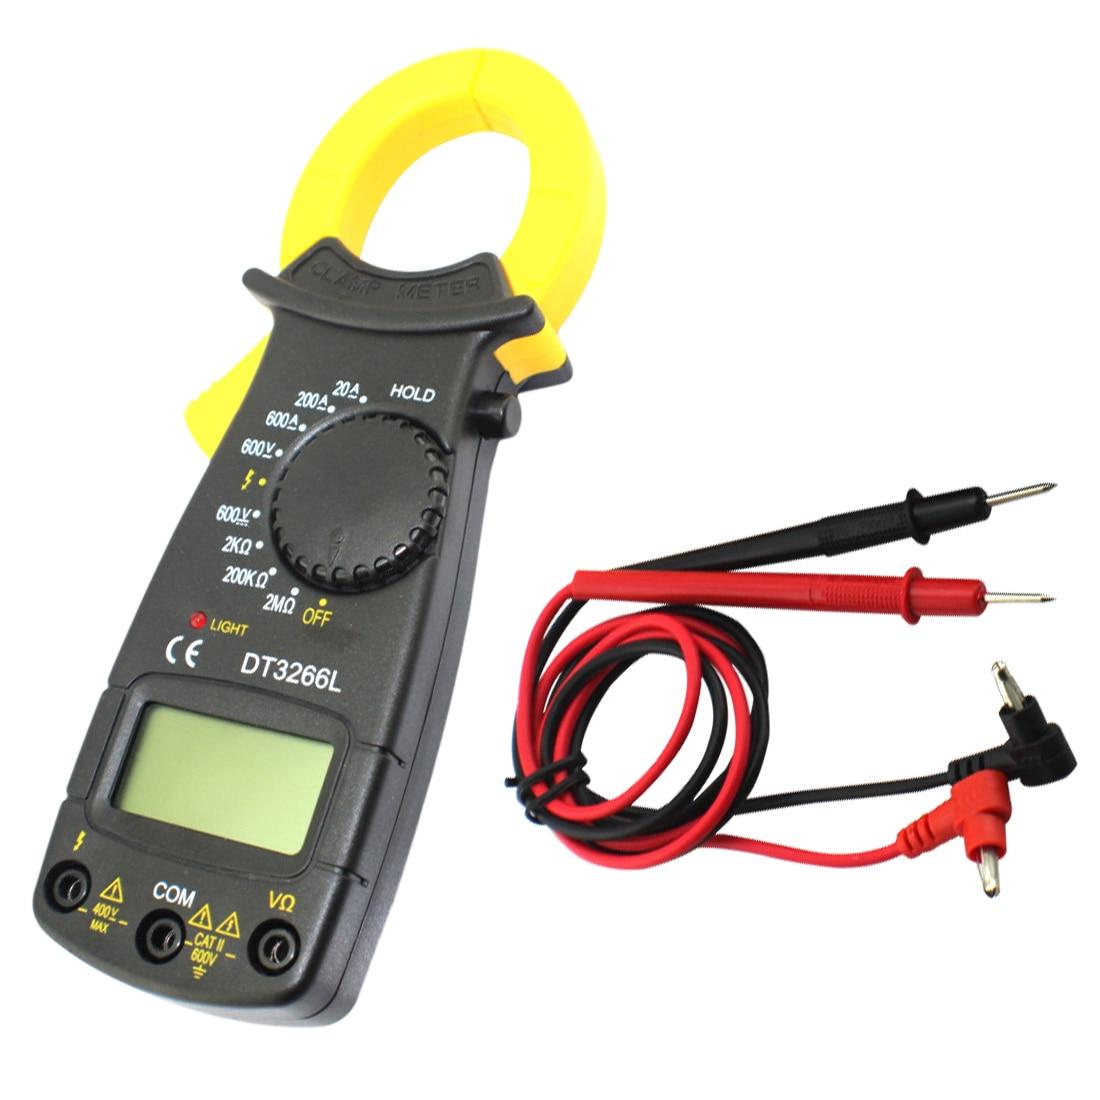 Digital DT-3266L Clamp Meter 600A AC/DC Multimeter Current Clamp Pincers Voltmeter Ammeter Ohm Current Voltage Tester цена